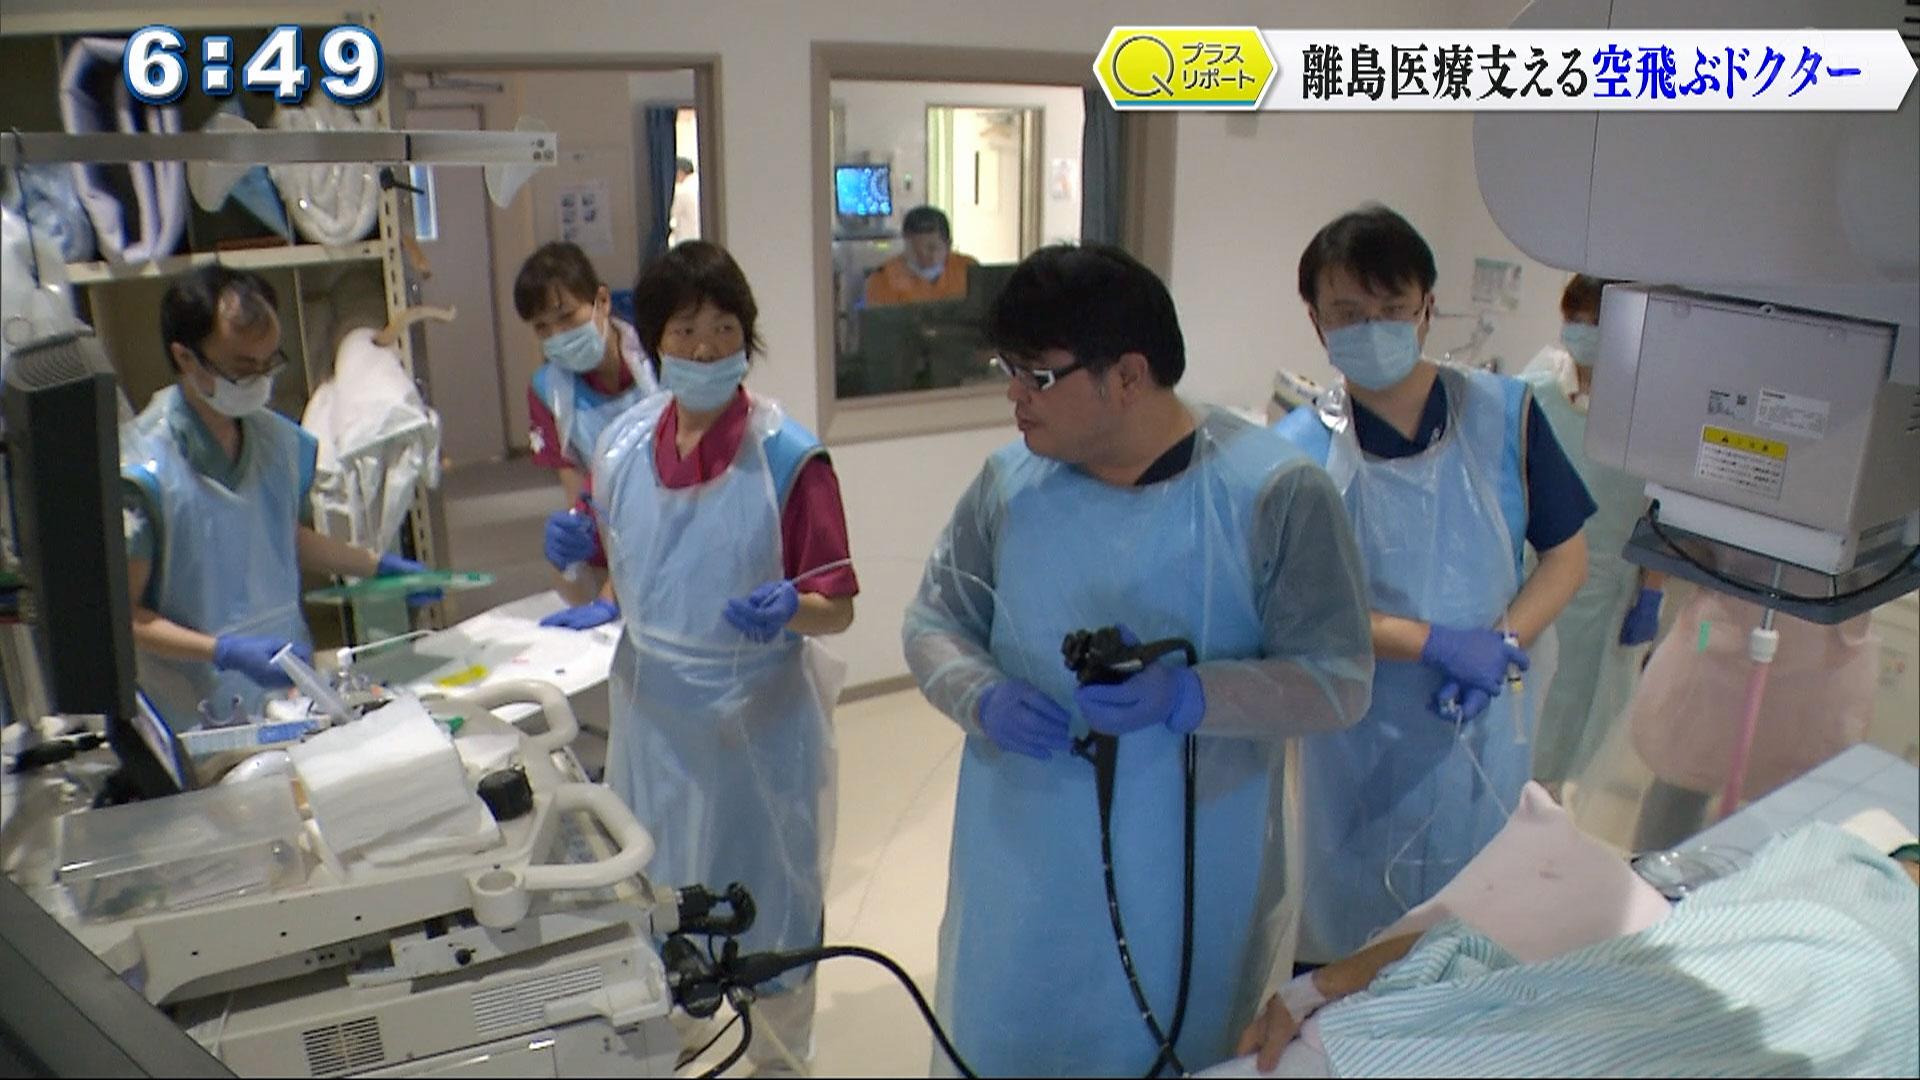 Qプラスリポート 空飛ぶドクター(1) 離島診療篇